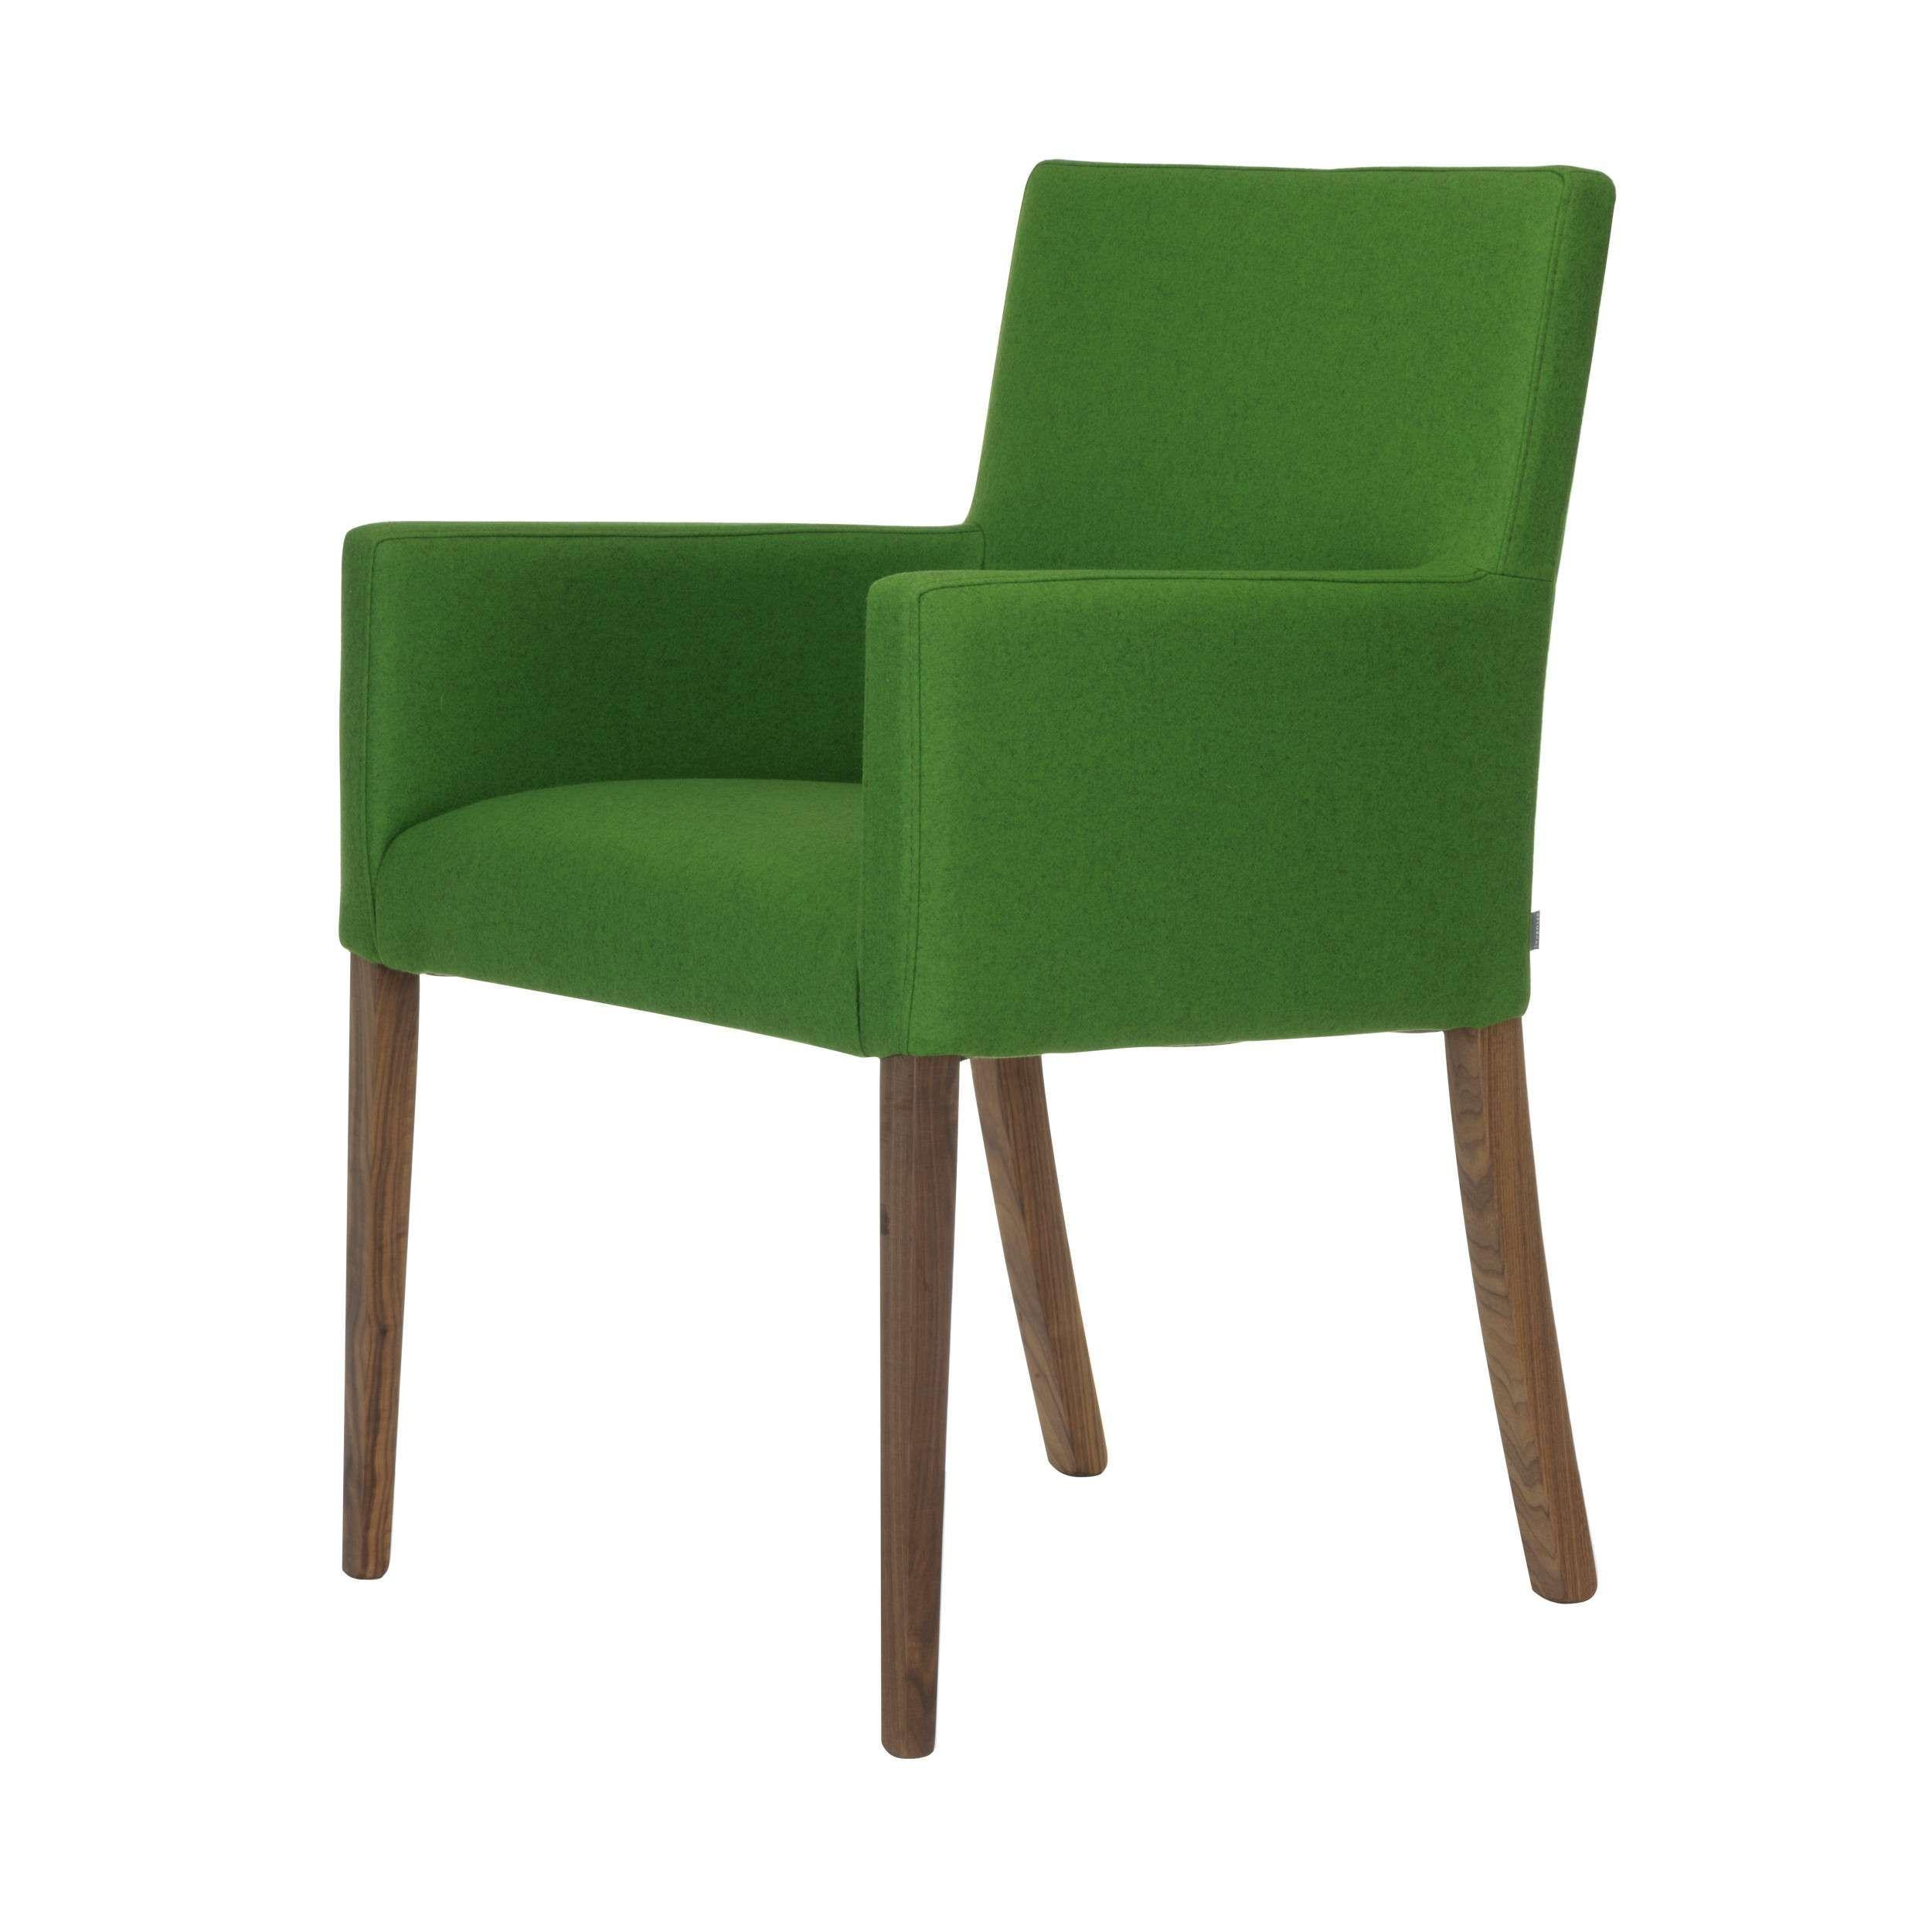 Armlehnstühle online kaufen   Möbel Suchmaschine ...